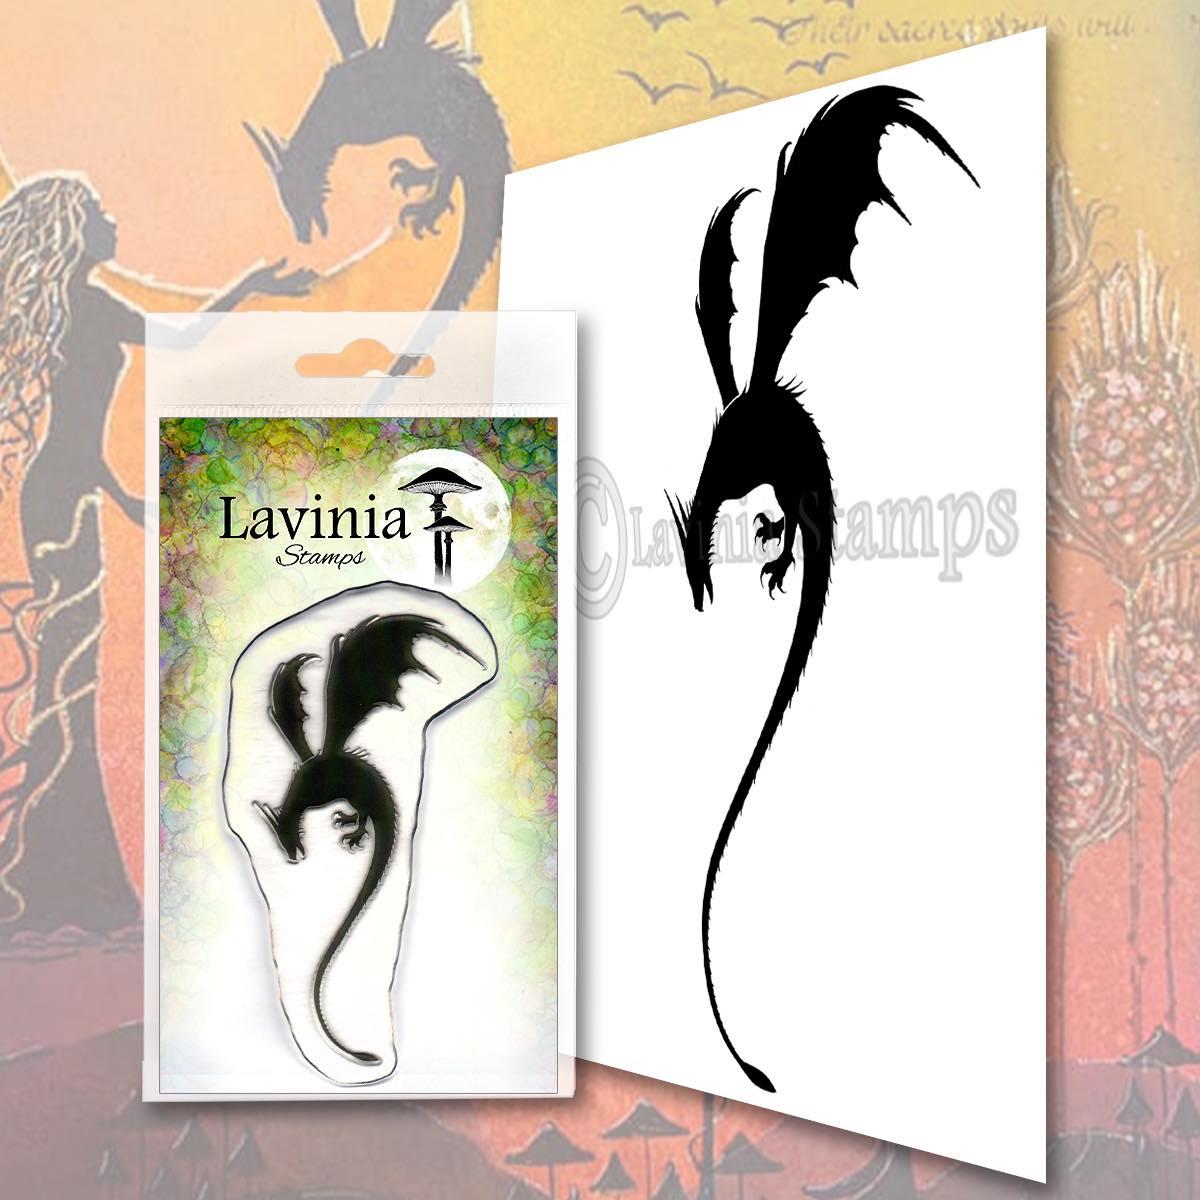 Lavinia Stamps - Mideela Stamp